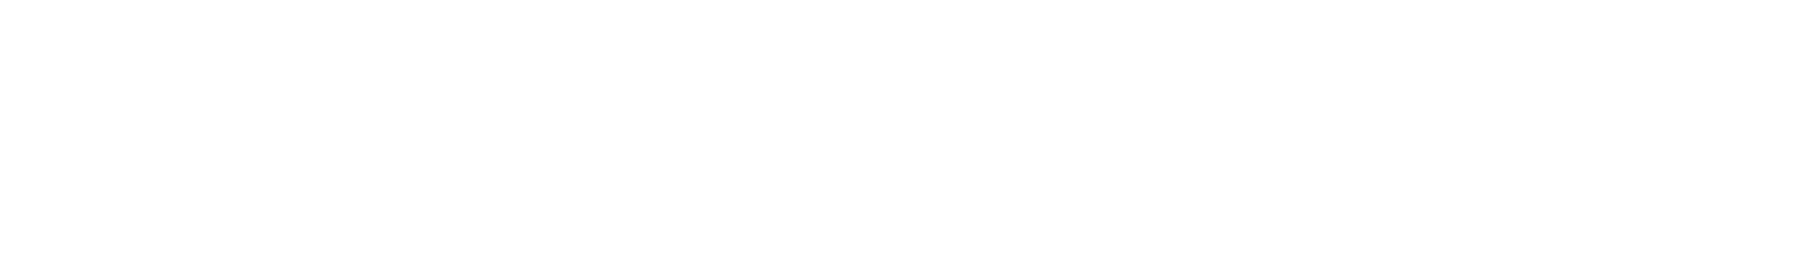 drum 06 123